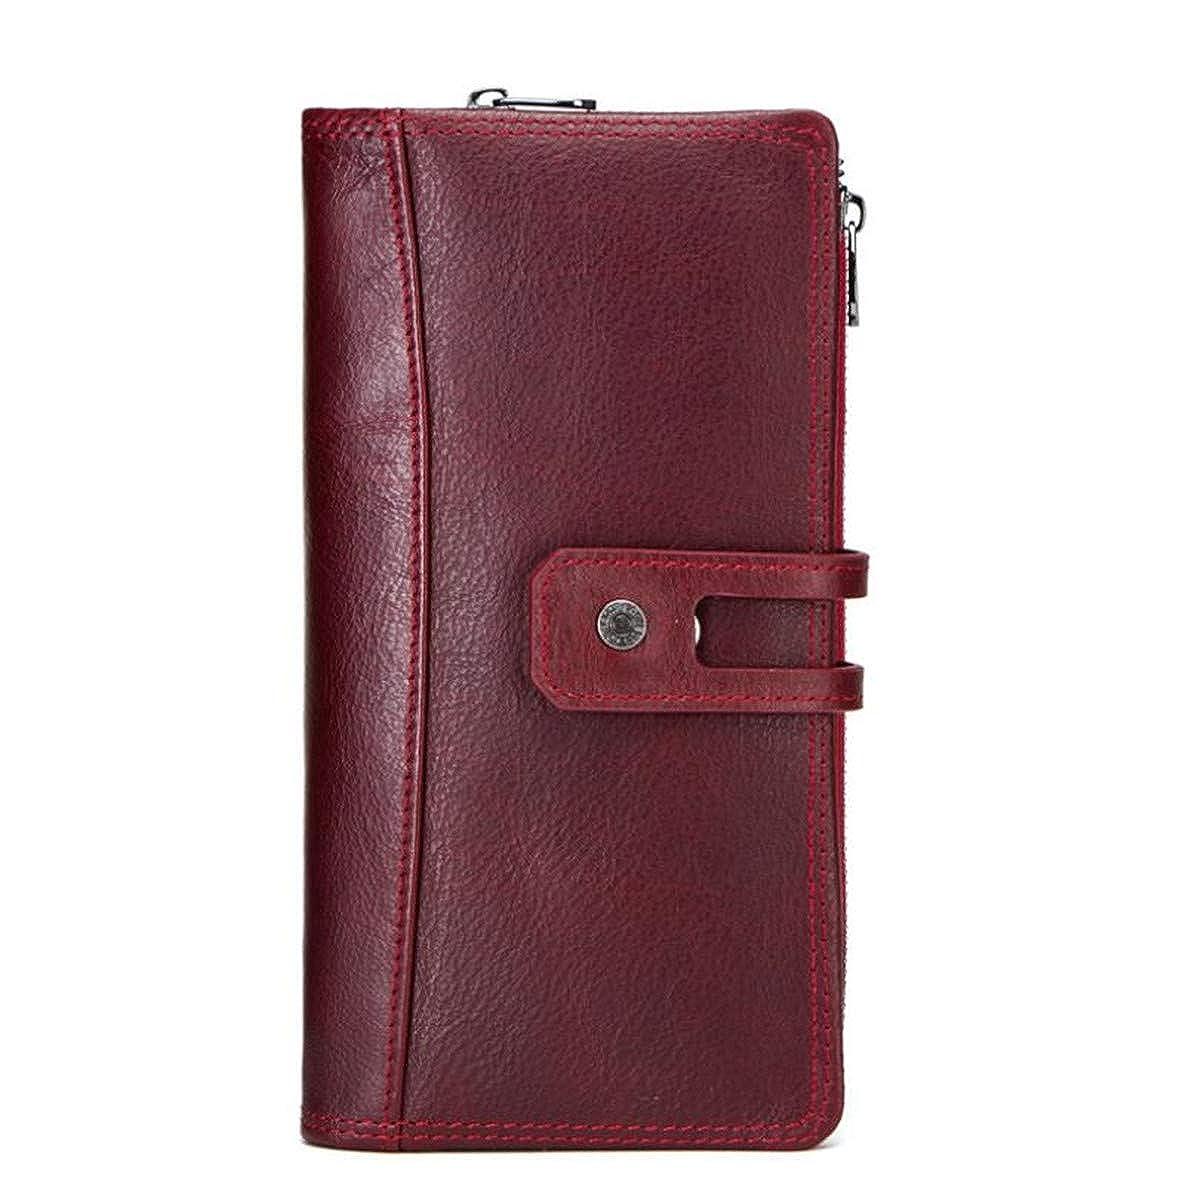 LJYH Women's Wallet Trifold...